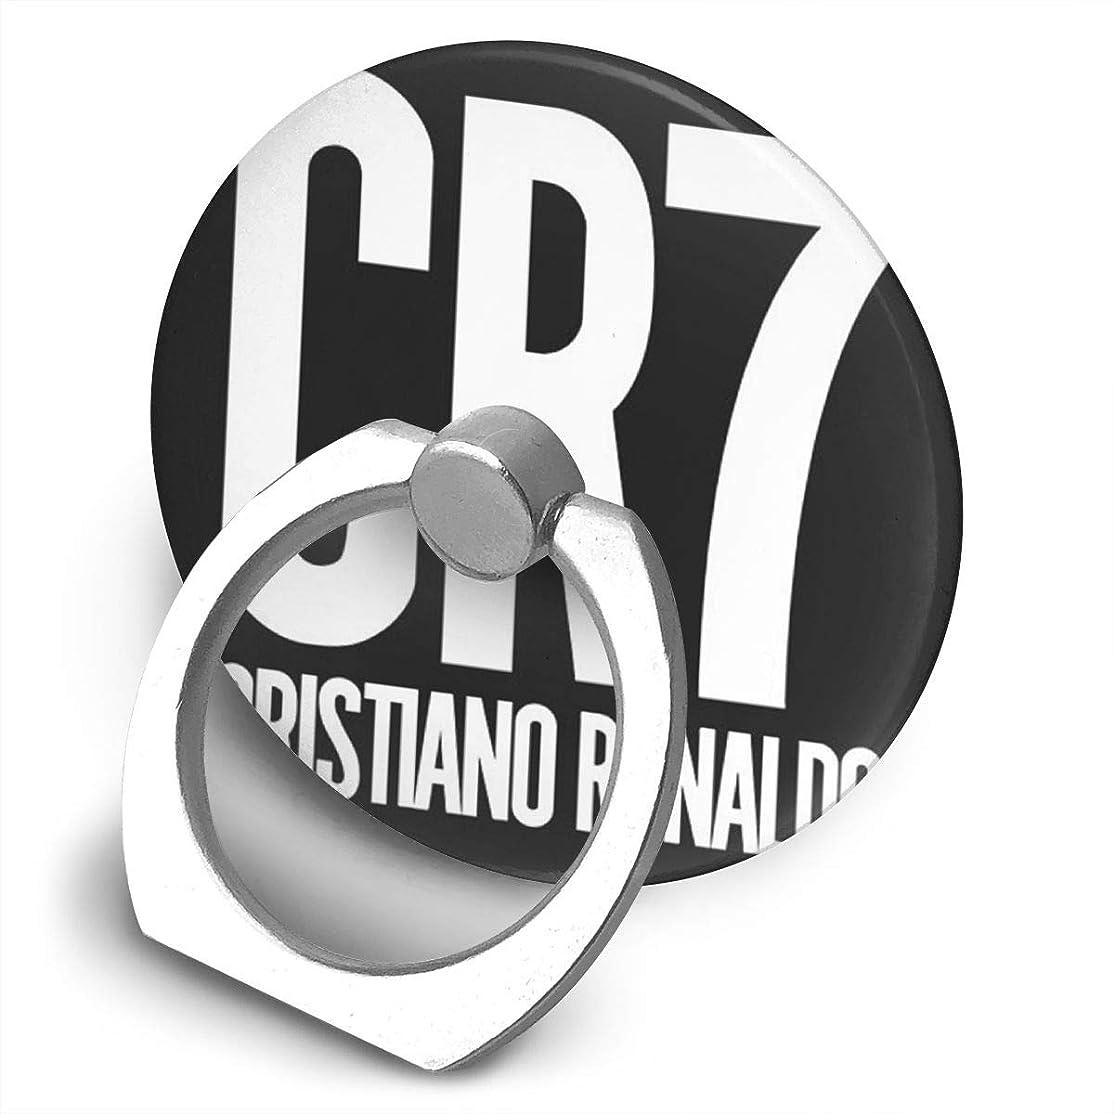 否定する咽頭キャンパスGreatayifong クリスティアーノ ロナウド サッカー CR7 ロゴ バンカーリング スマホ リング かわいい ホールドリング 薄型 スタンド機能 ホルダー 落下防止 軽い 360 回転 IPhone/Android各種他対応 (シルバー)